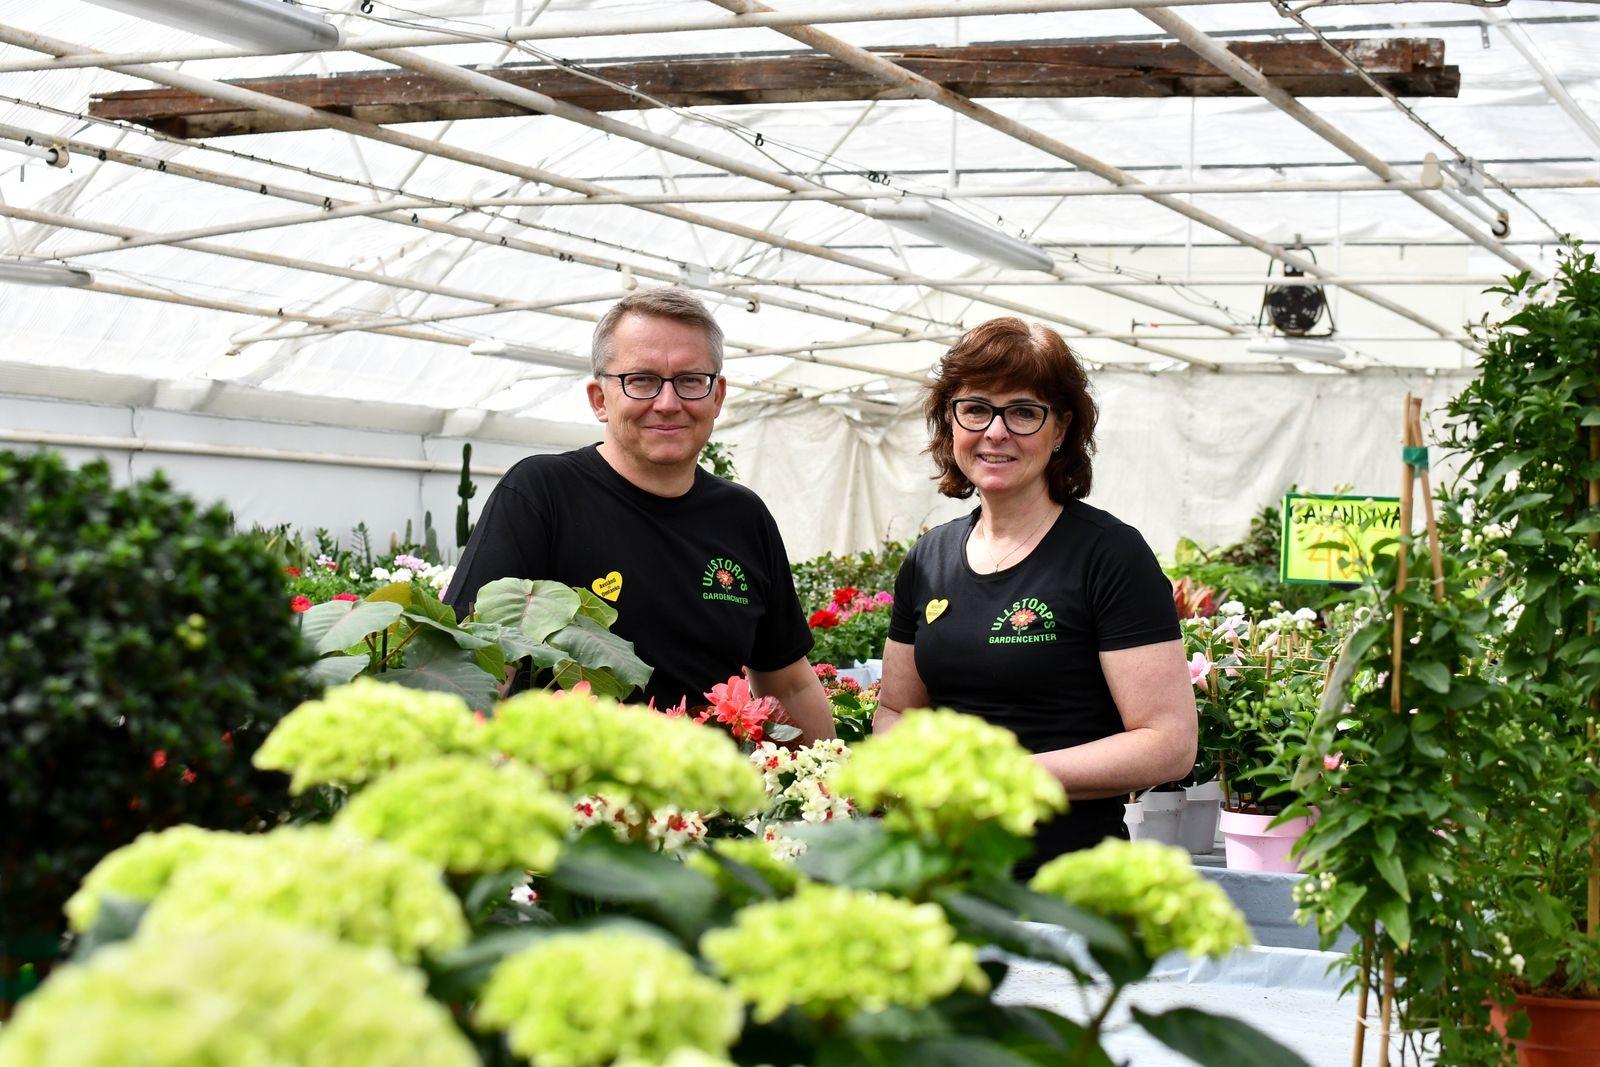 """Stefan och Marita tycker fortfarande det är lika kul att gå till jobbet. """"Det har vi kunderna att tacka för, många har vi lärt känna väldigt väl"""", säger Stefan."""